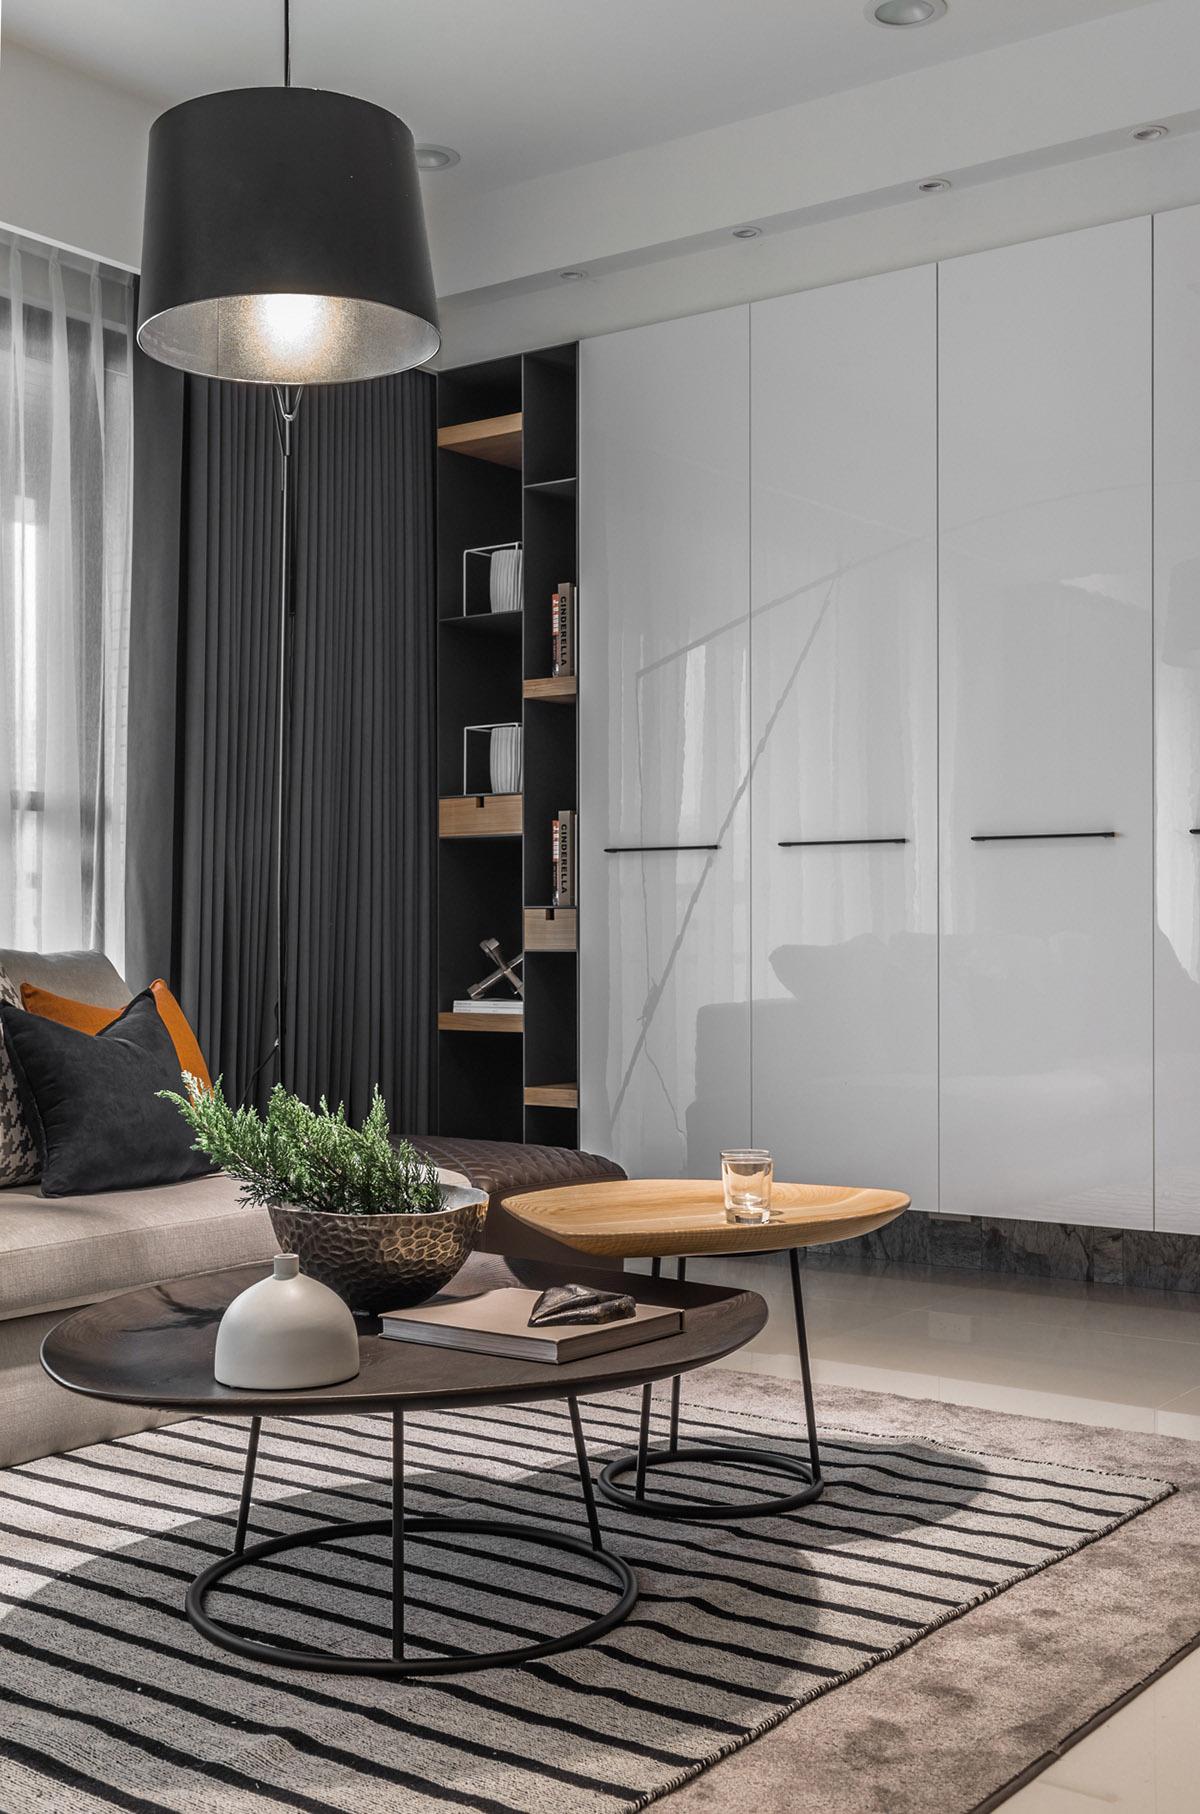 Các ý tưởng về thiết kế nội thất - Black and wood nesting coffee tables